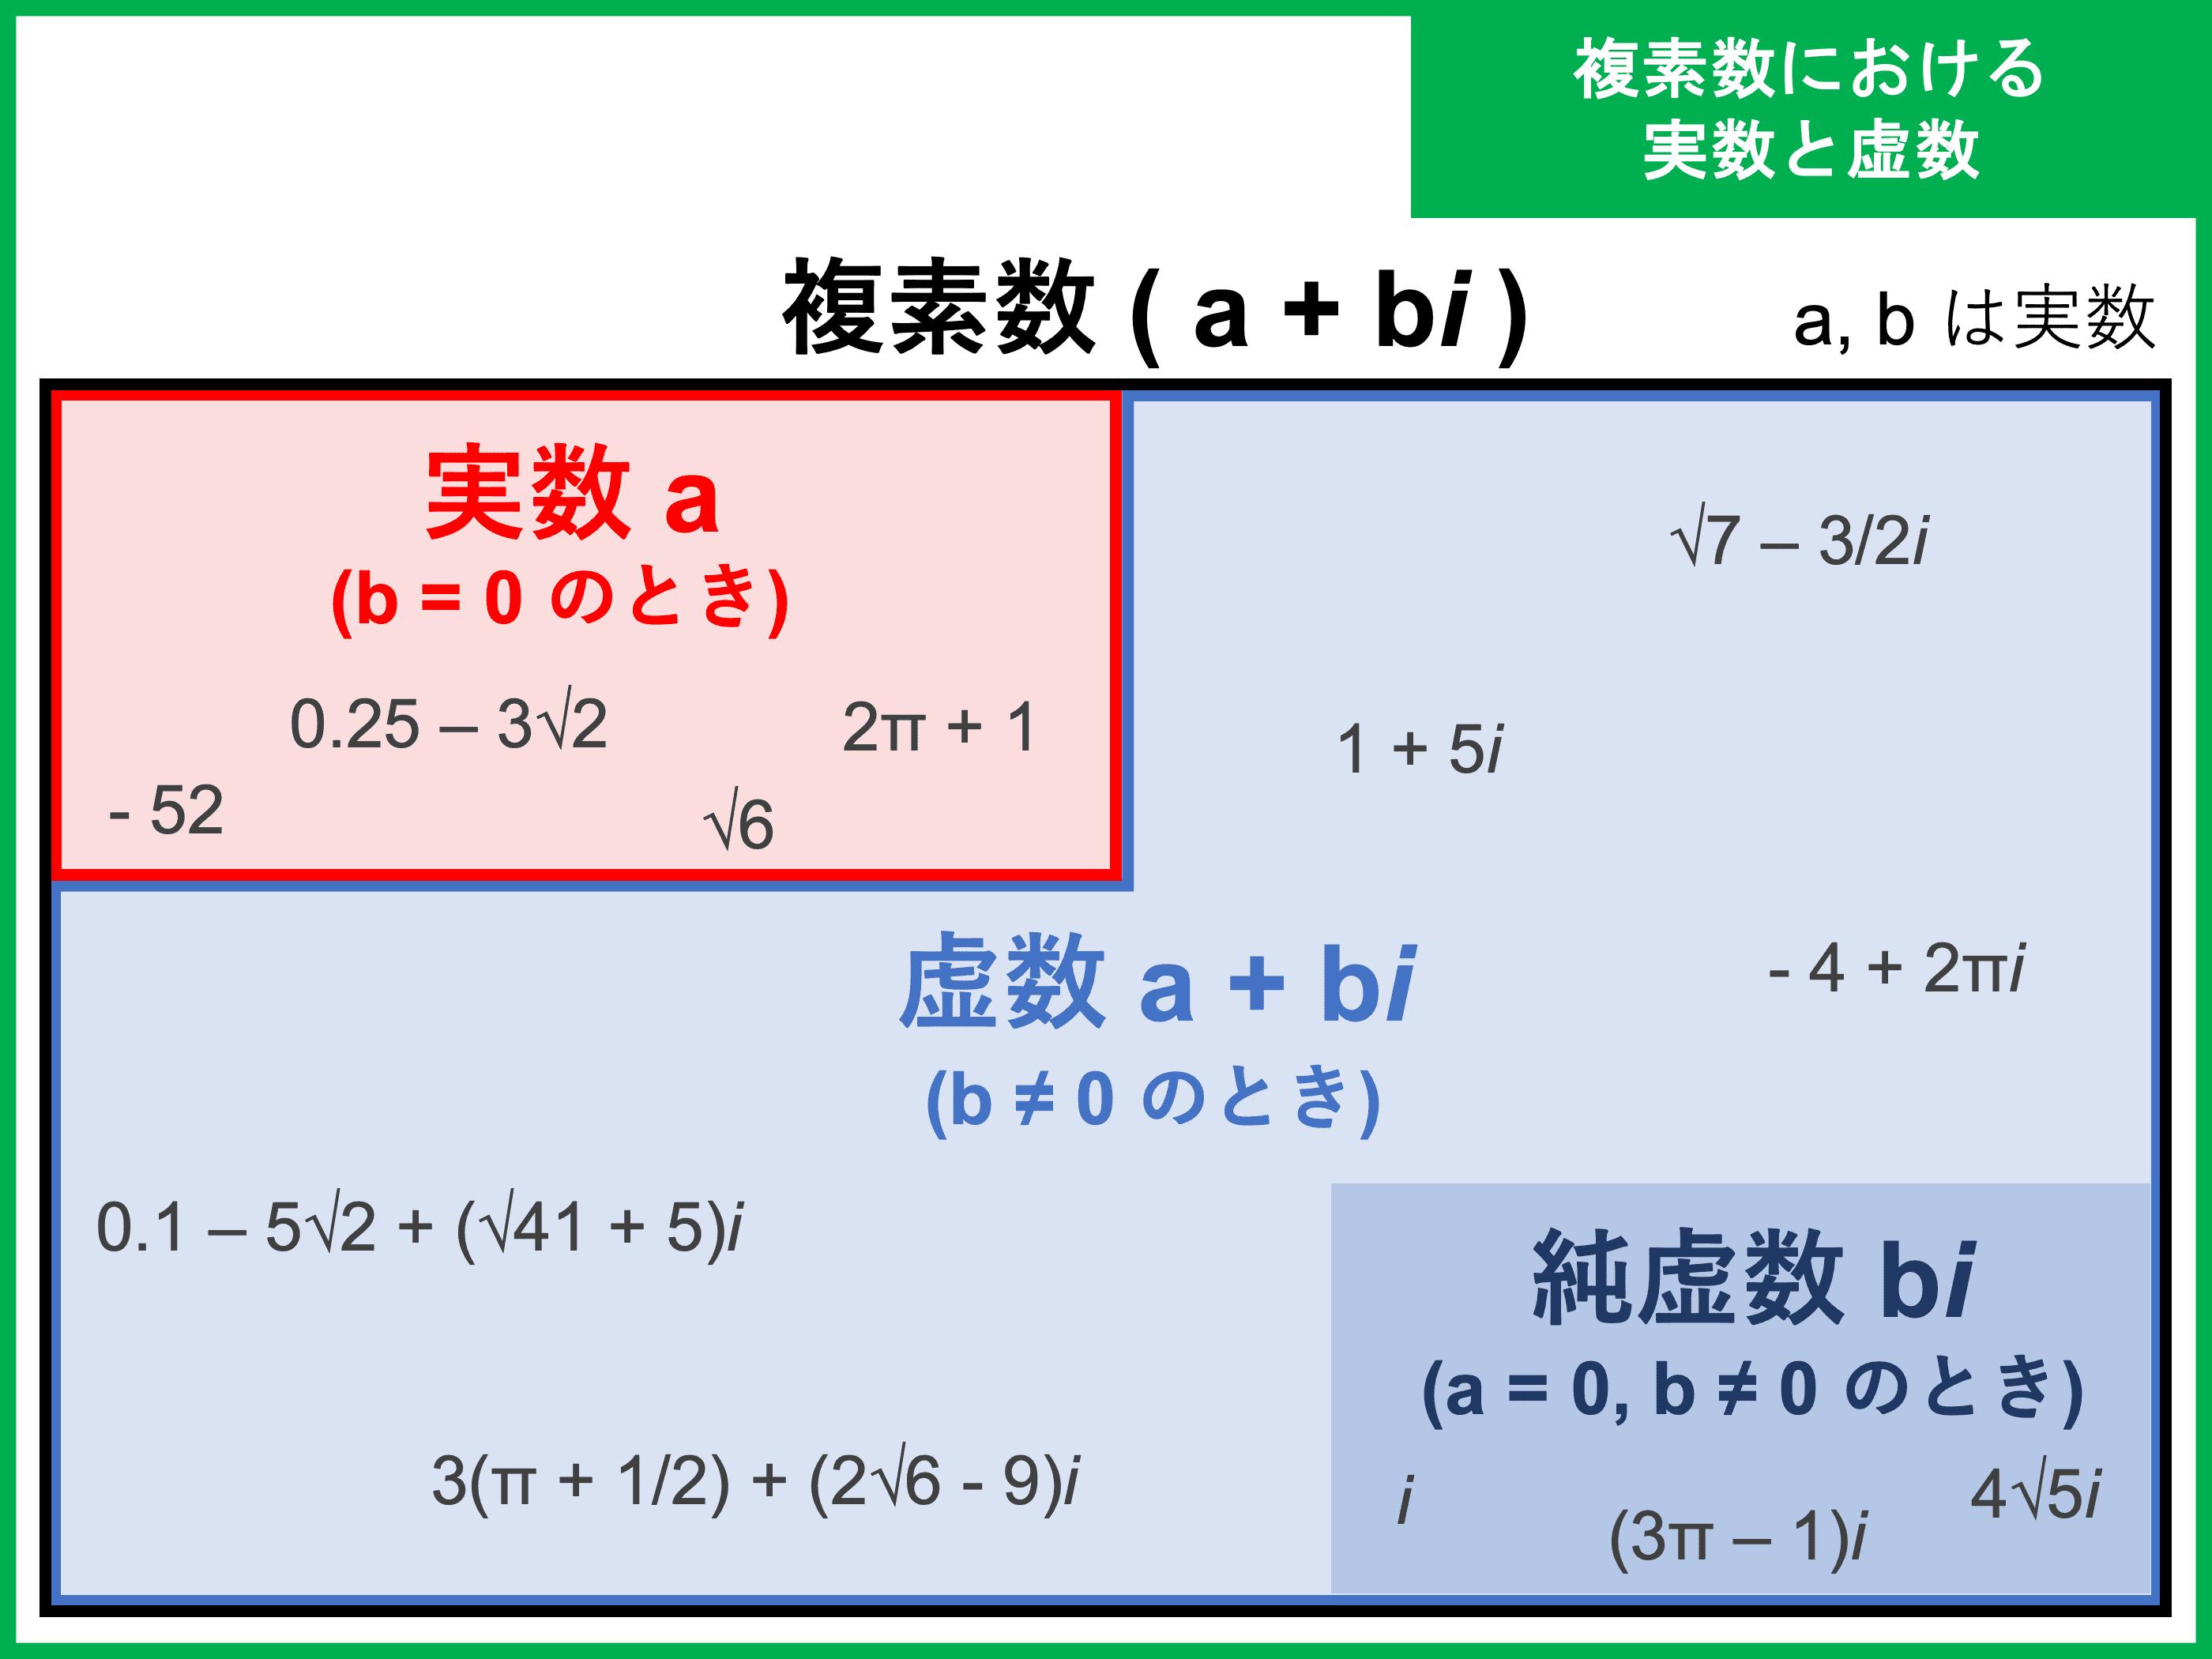 複素数とは?公式や、i の 2 乗の計算方法、実際の問題などをわかりやすく解説!